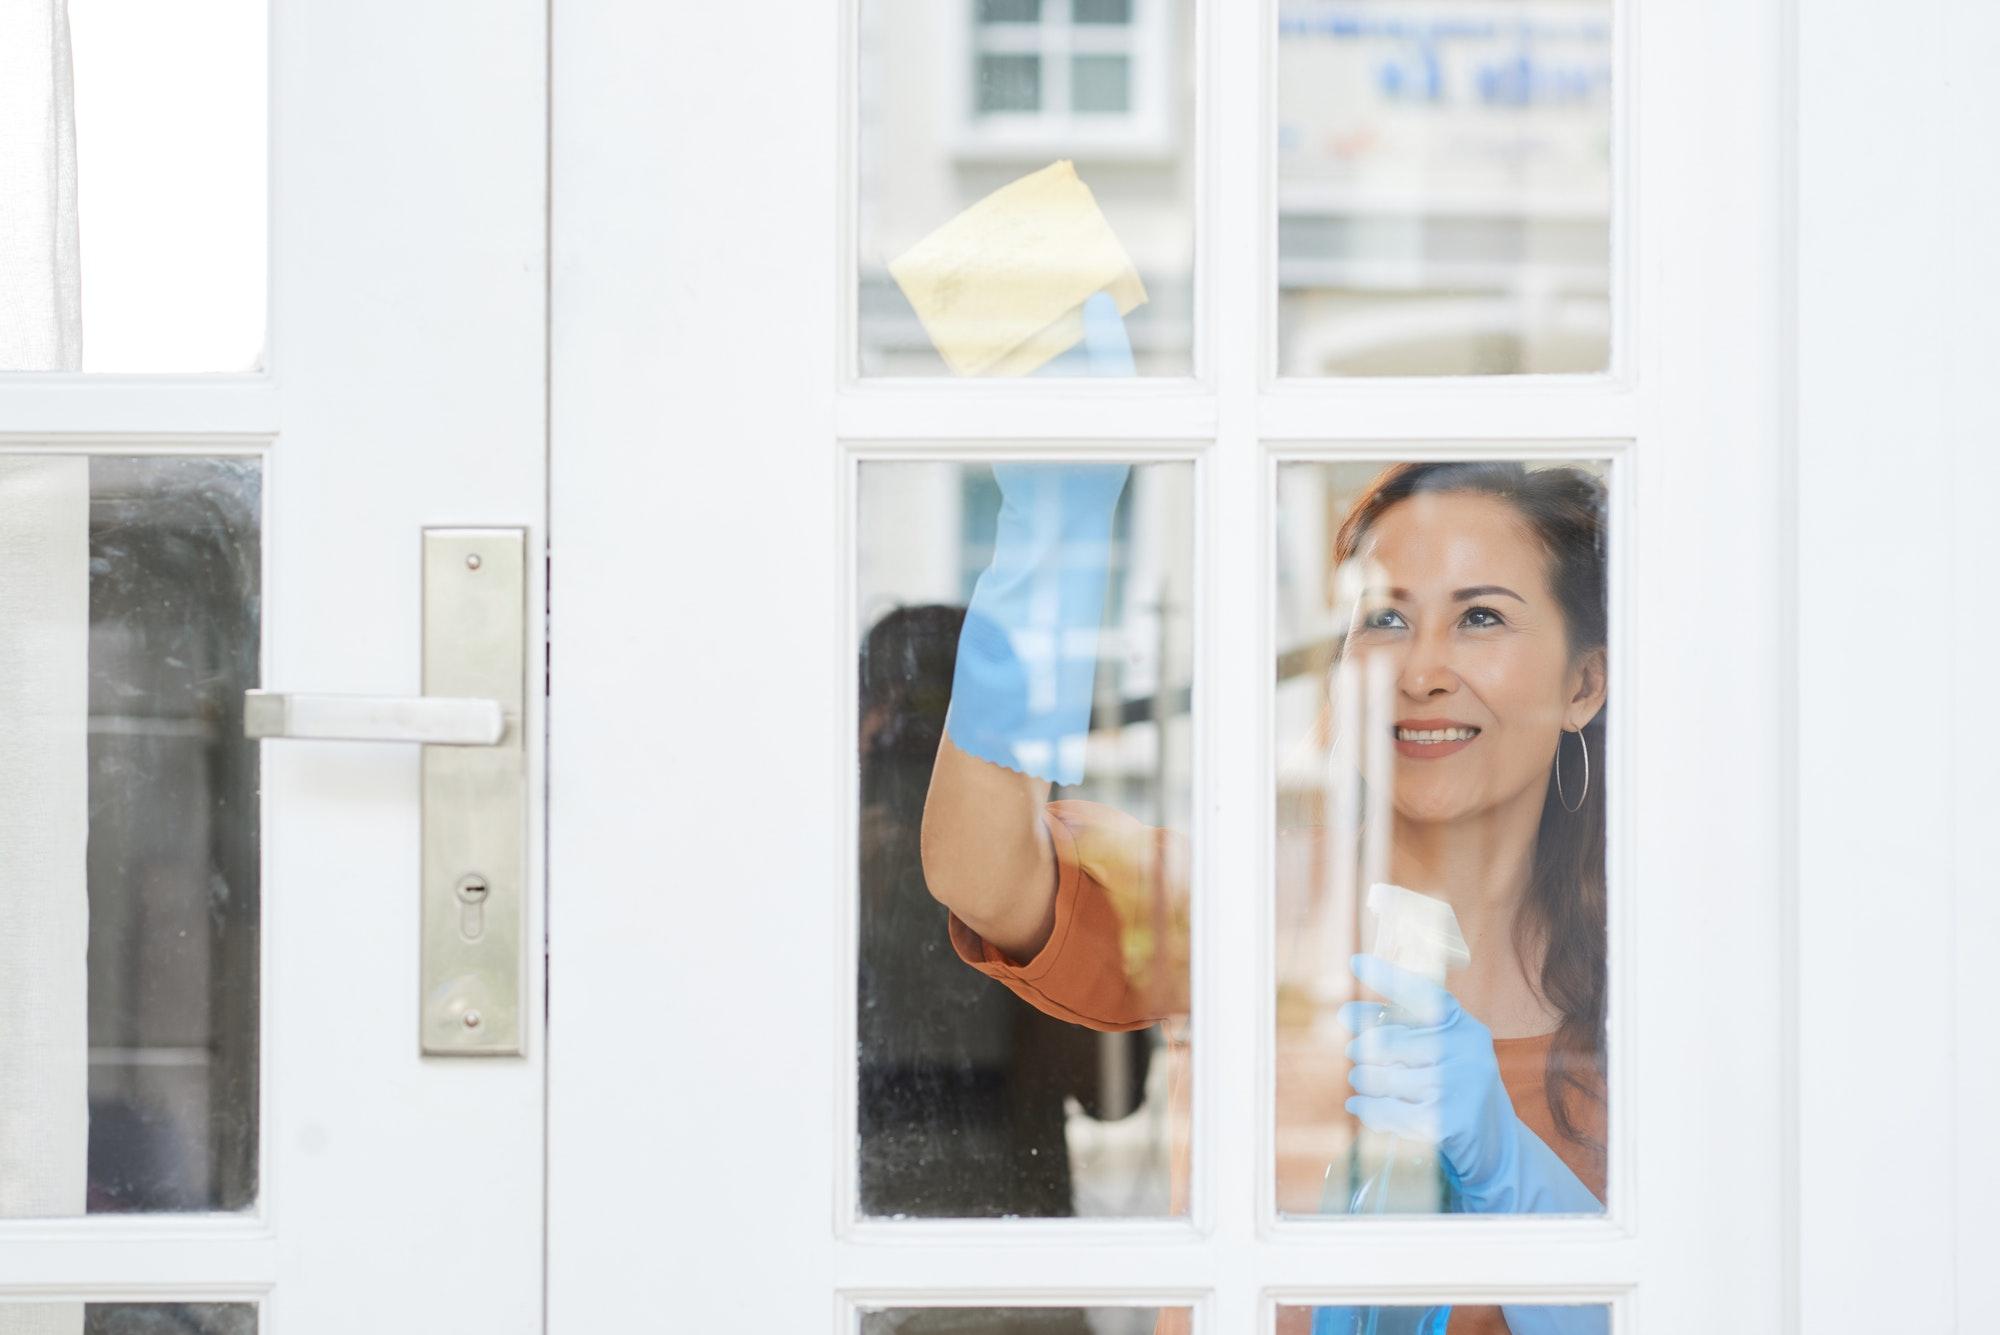 Housewife cleaning door